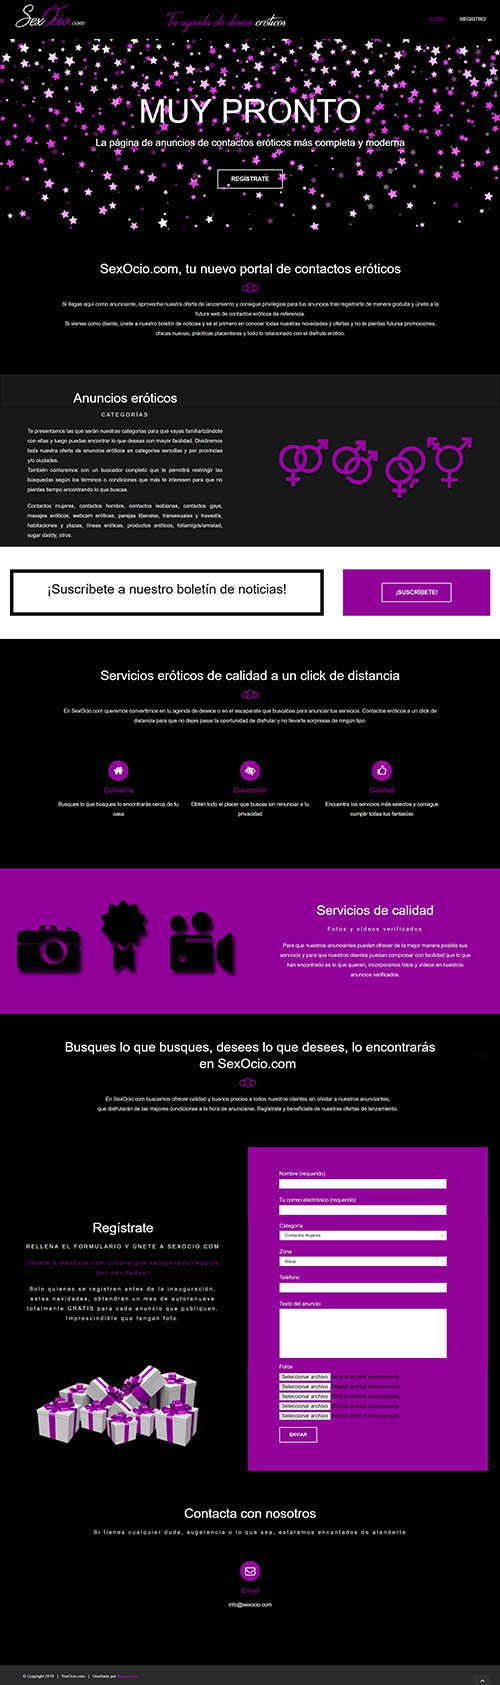 SexOcio.com - Diseño web a medida